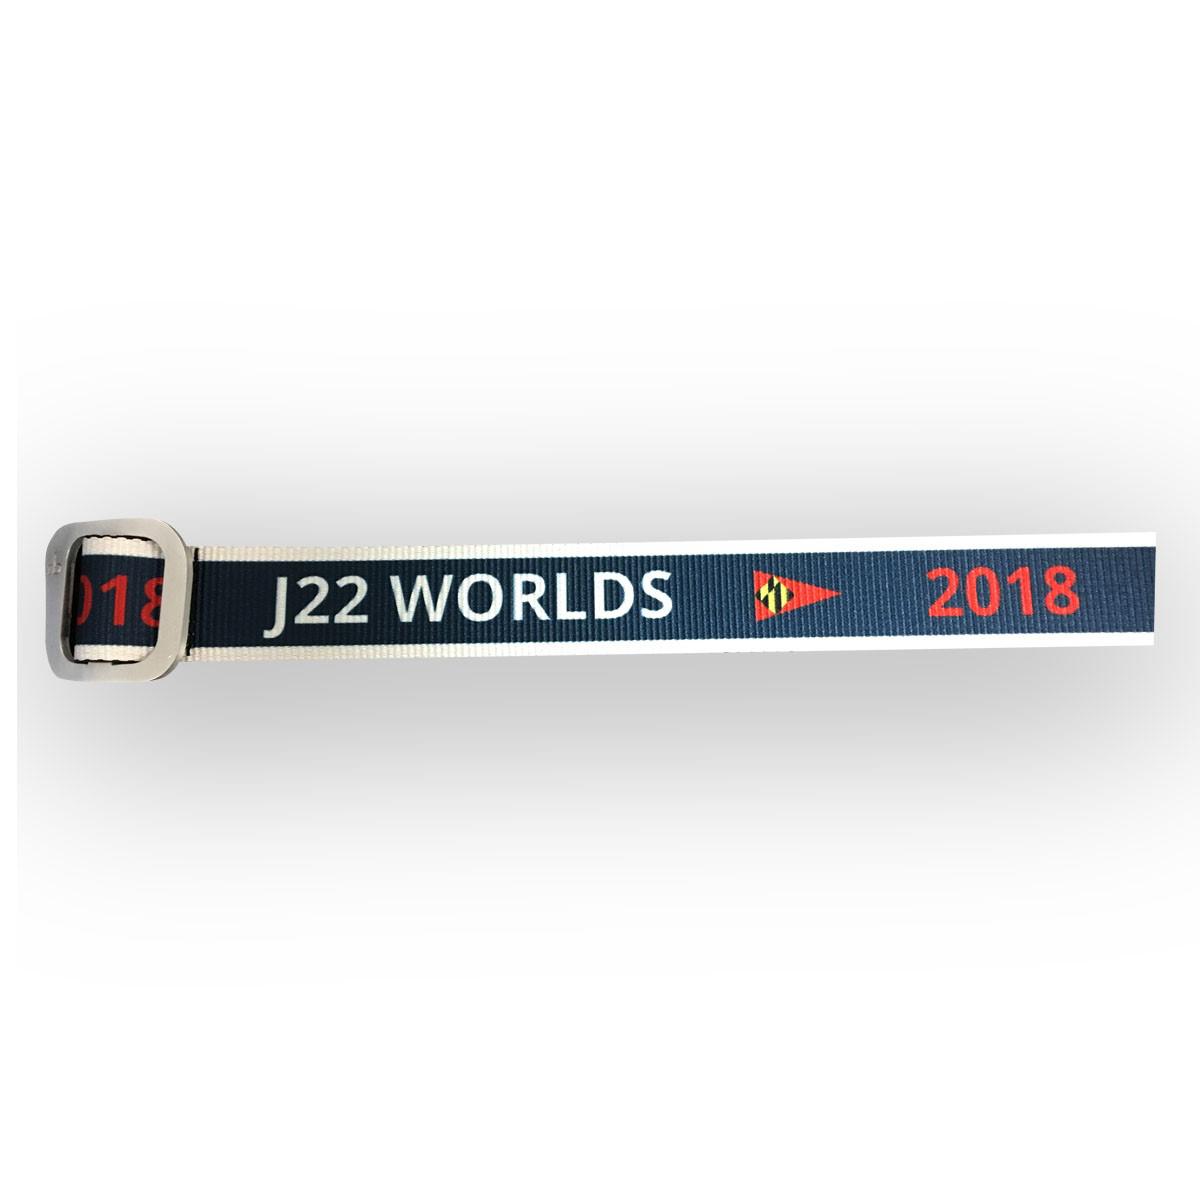 J22 WORLDS DEFENDER BELT